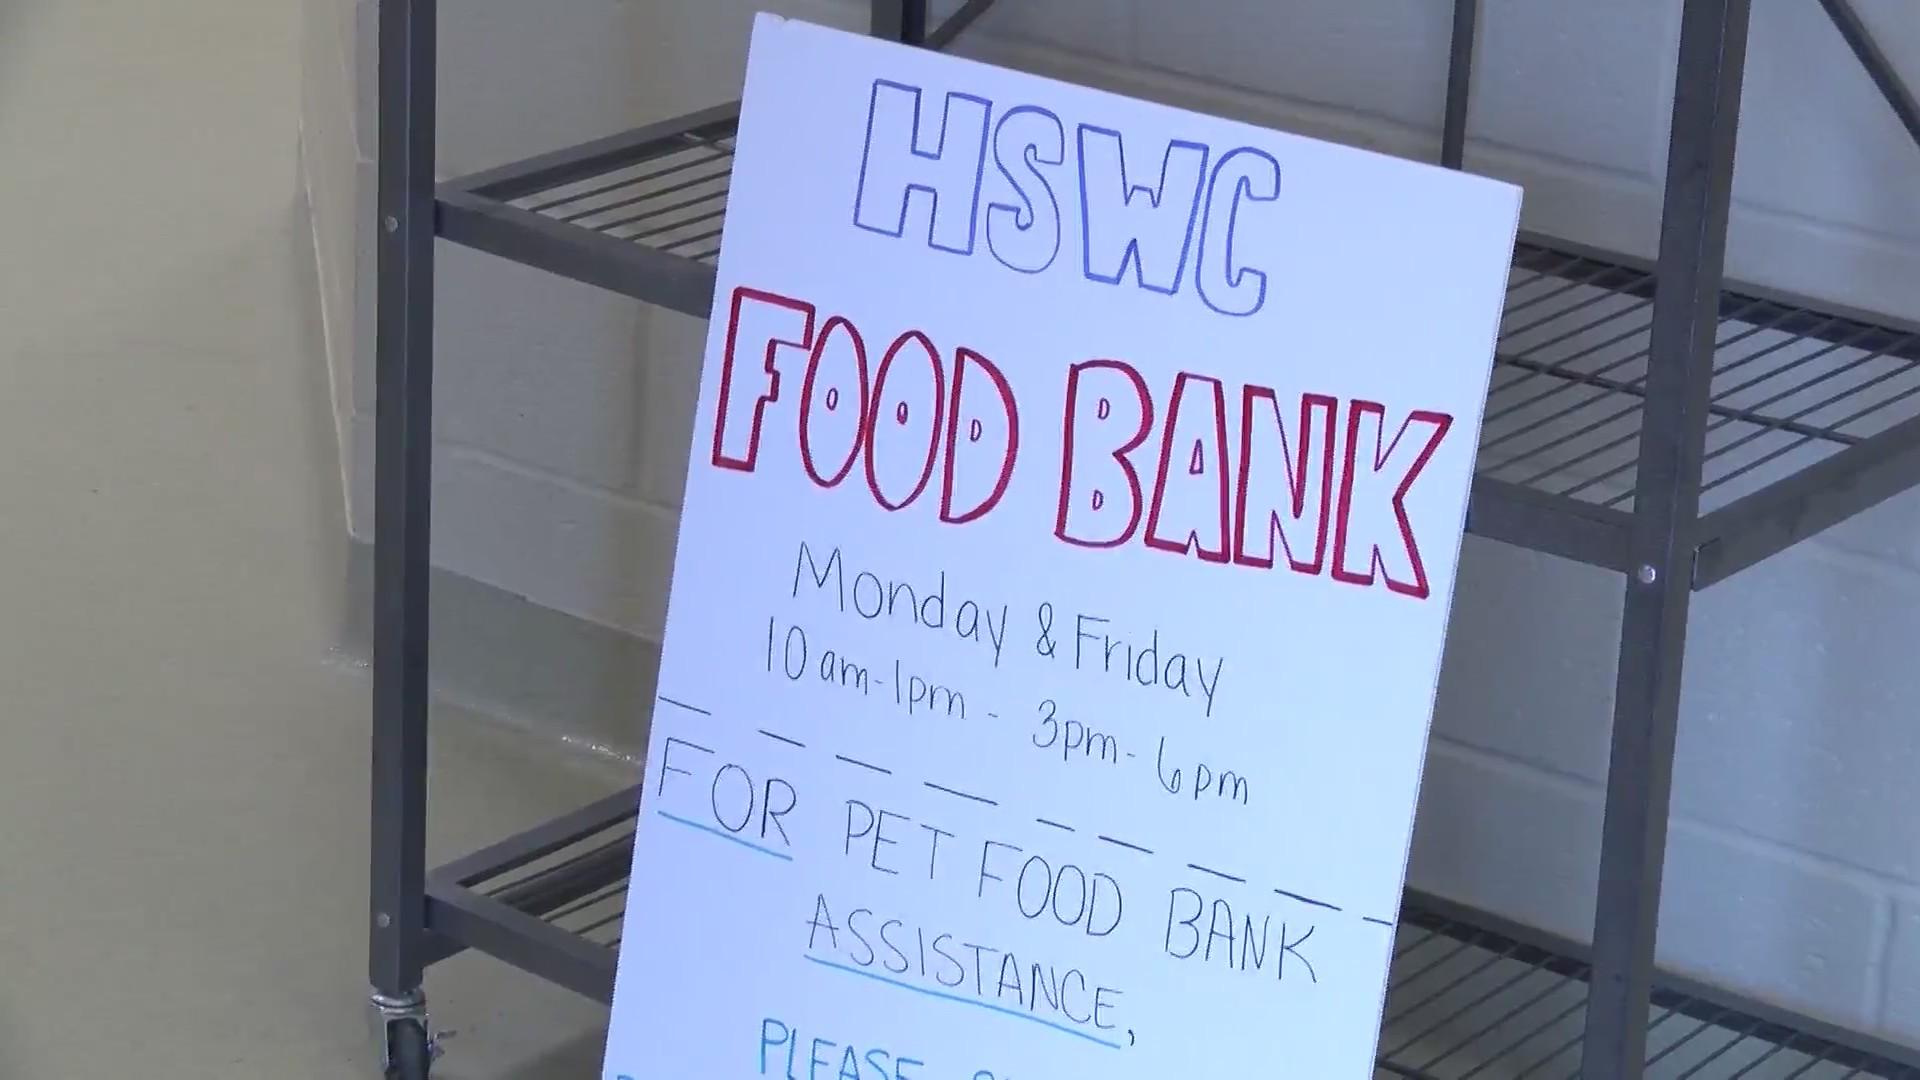 Humane_Society_pet_food_bank_0_20190325213531